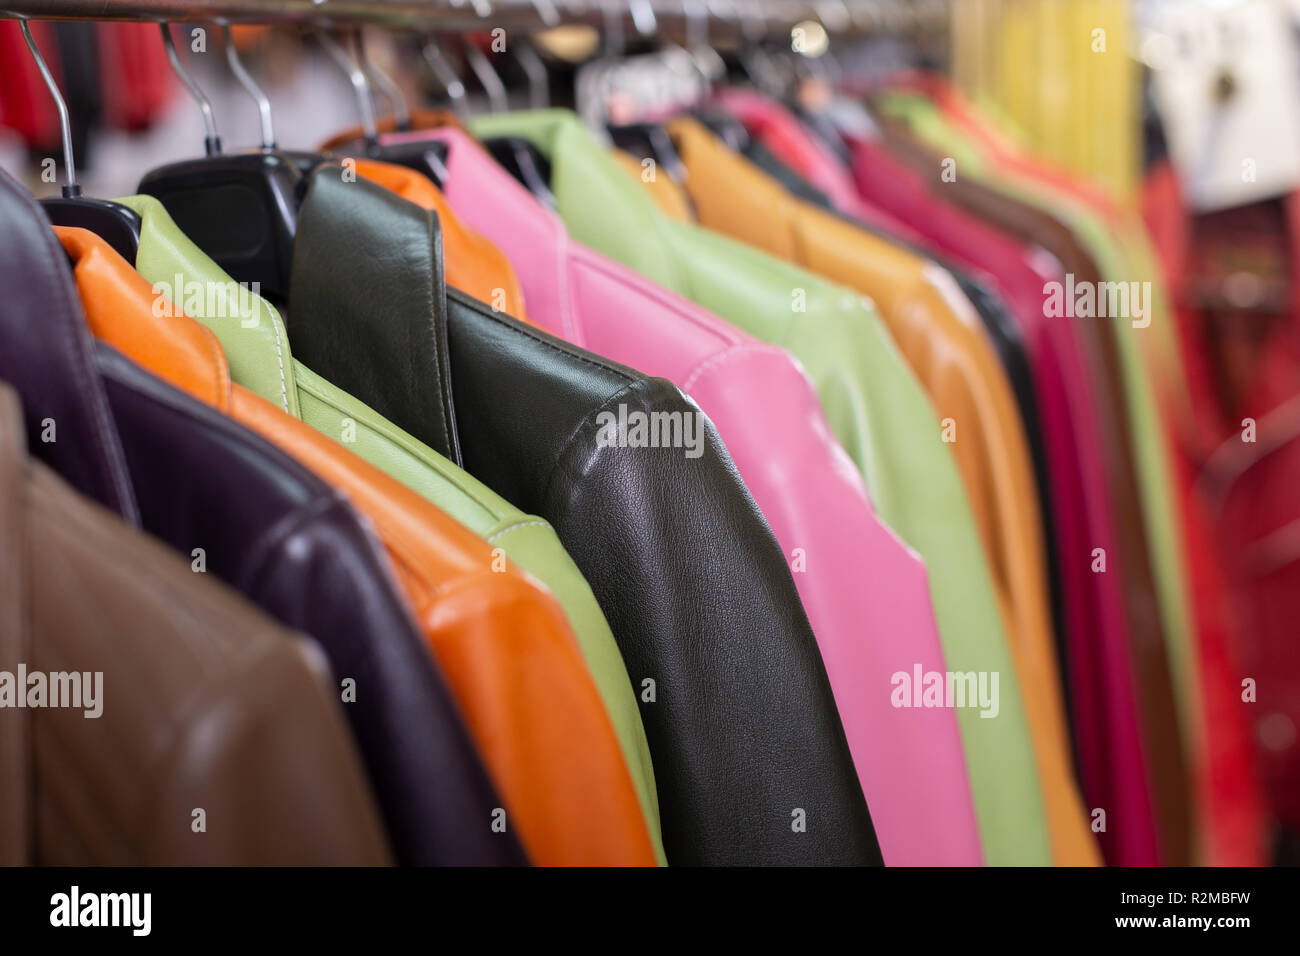 d12d1233fede Collezione di giacche di pelle su capi di abbigliamento appendiabiti in  negozio